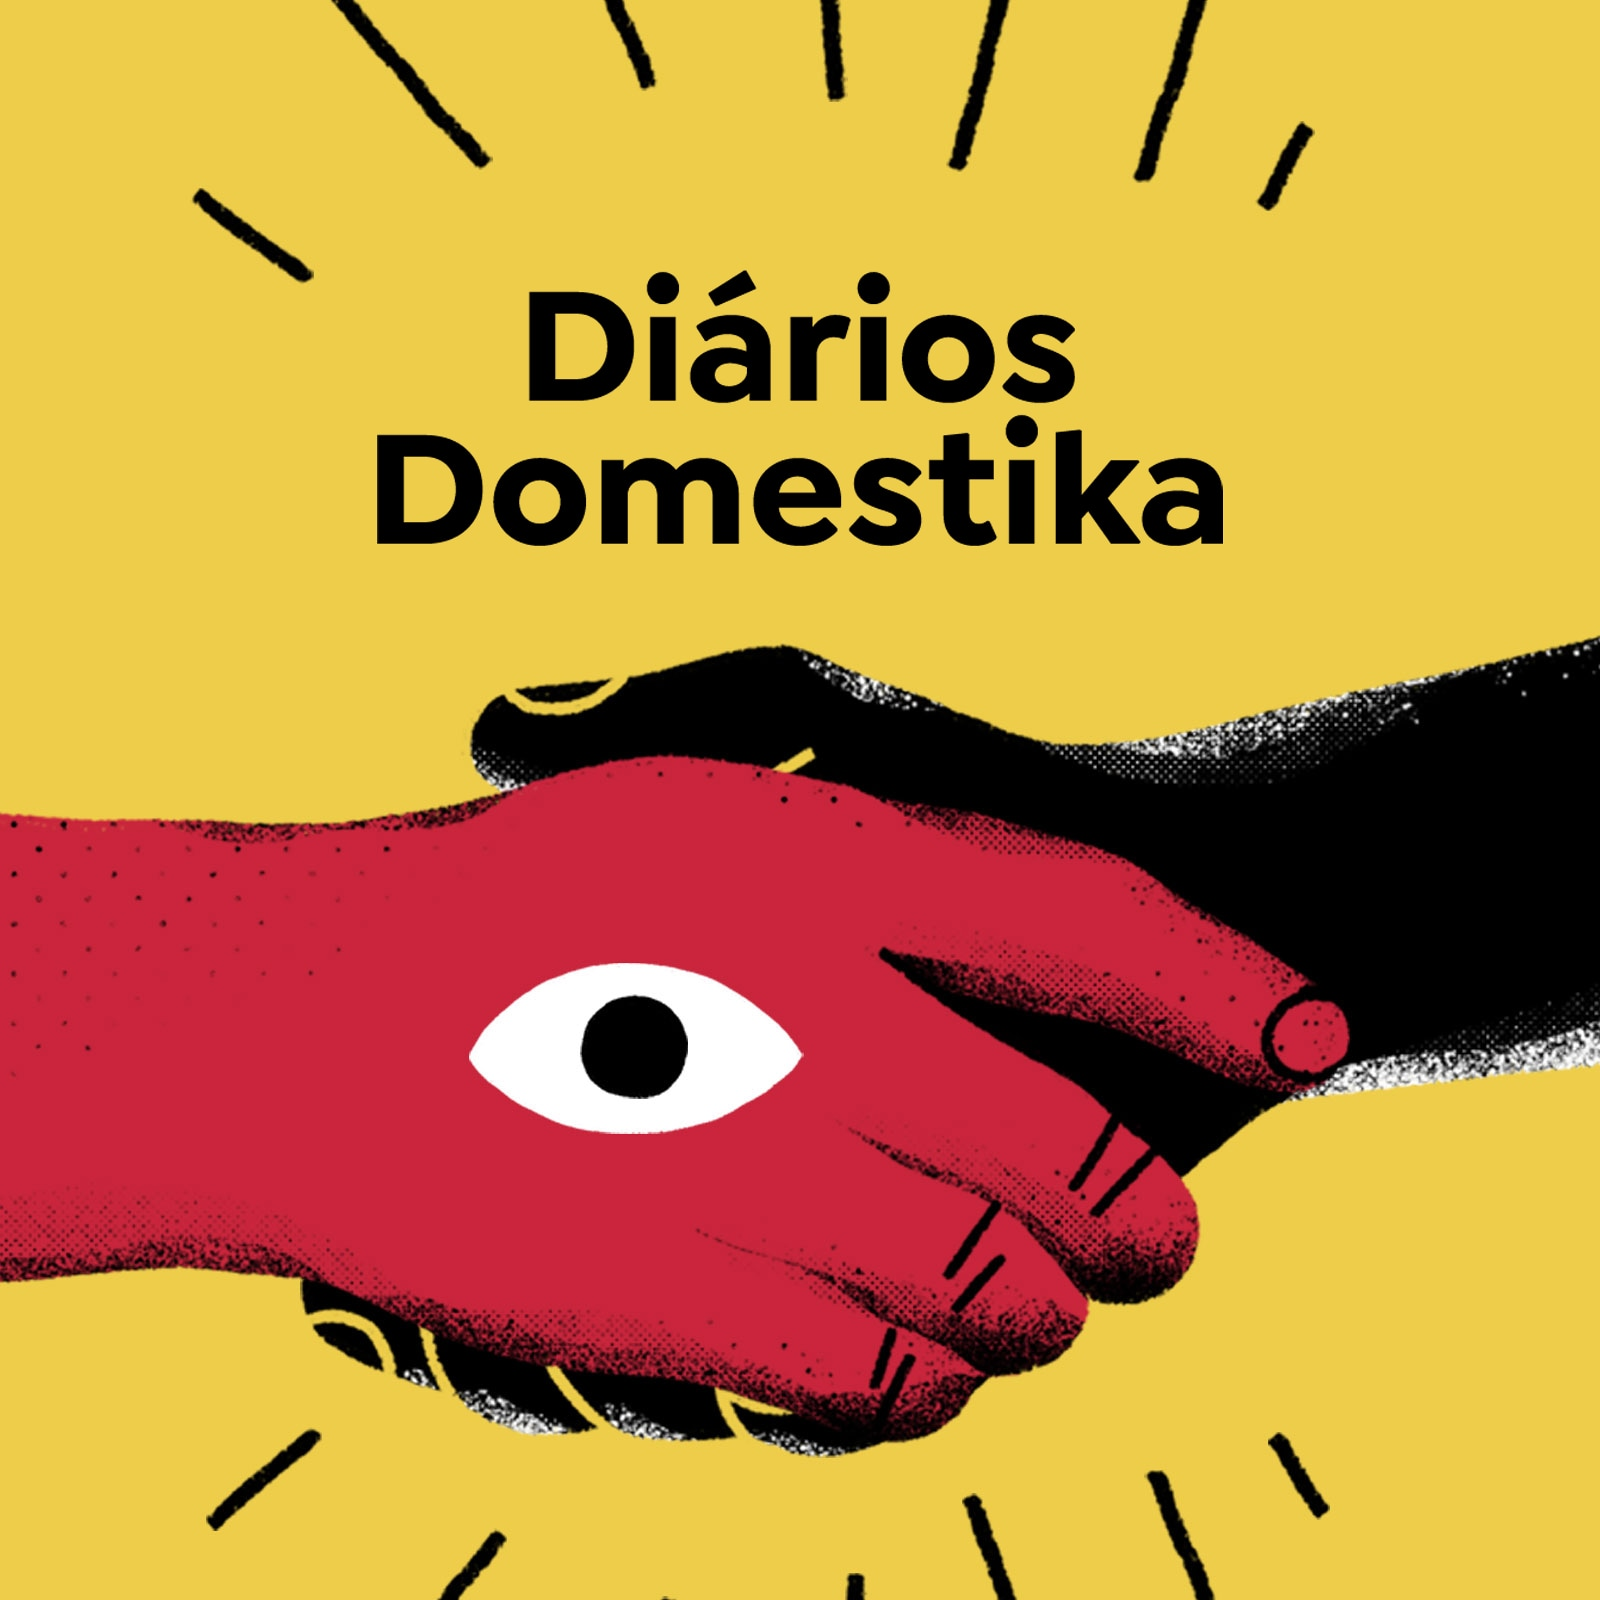 12 Diários Domestika em português para se inspirar com os melhores criativos